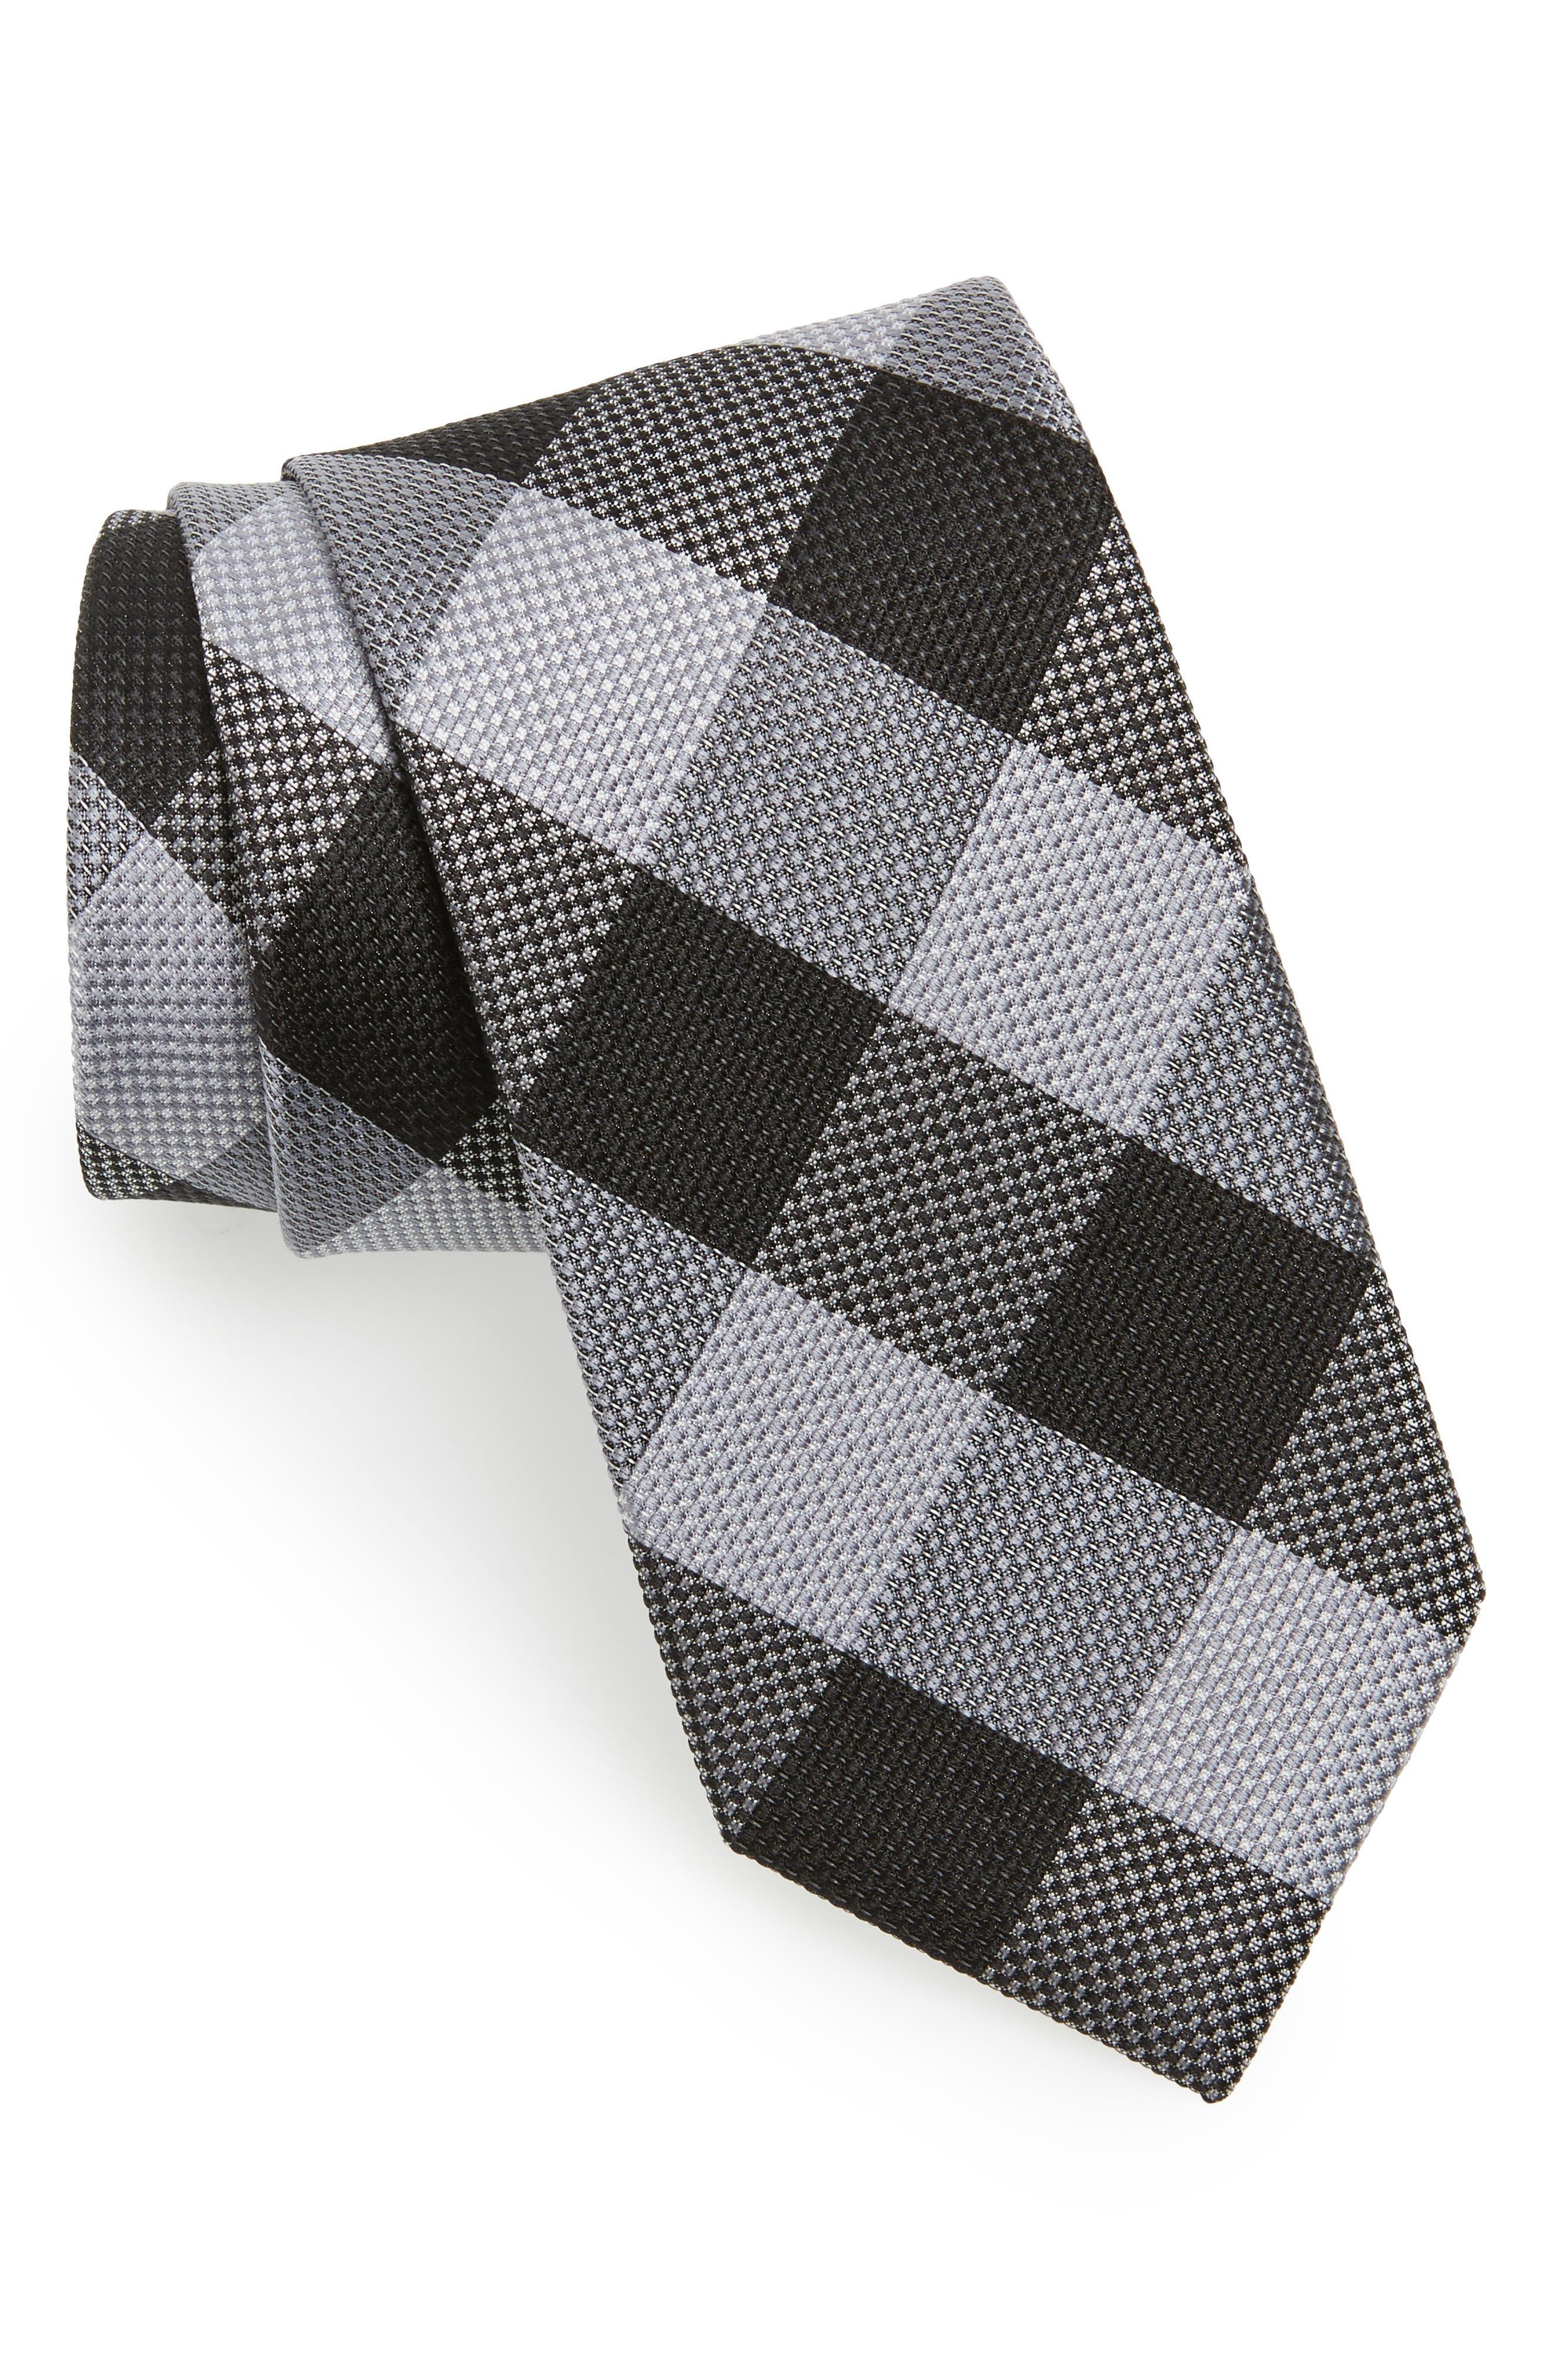 Main Image - Calibrate Check Silk Tie